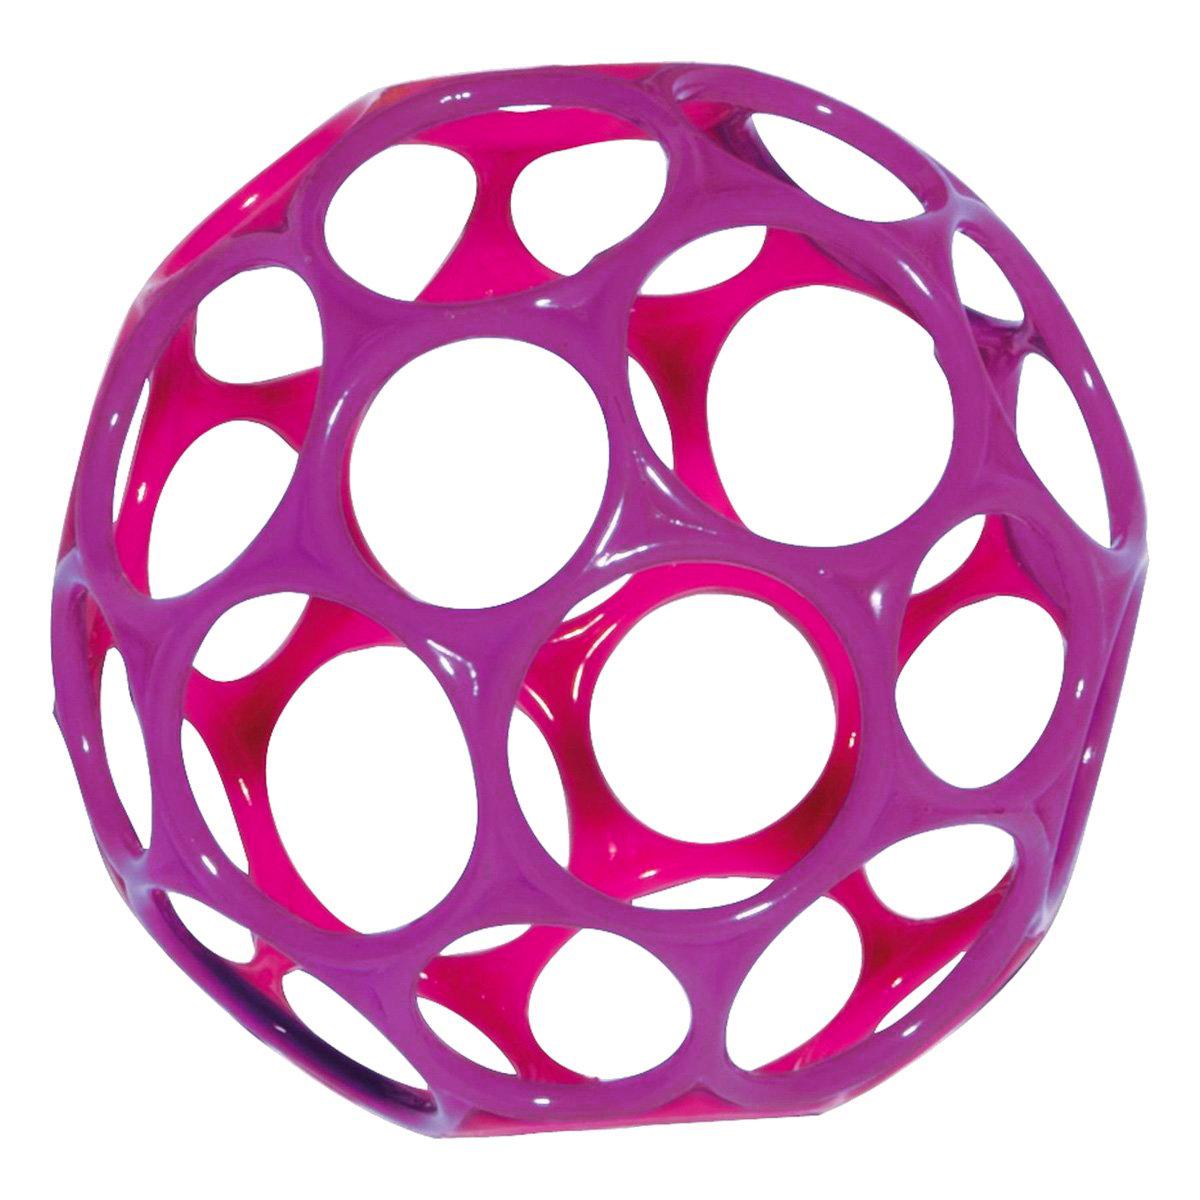 Oball Развивающая игрушка Мячик фуксия розовый головоломки oball развивающая игрушка на присоске oball